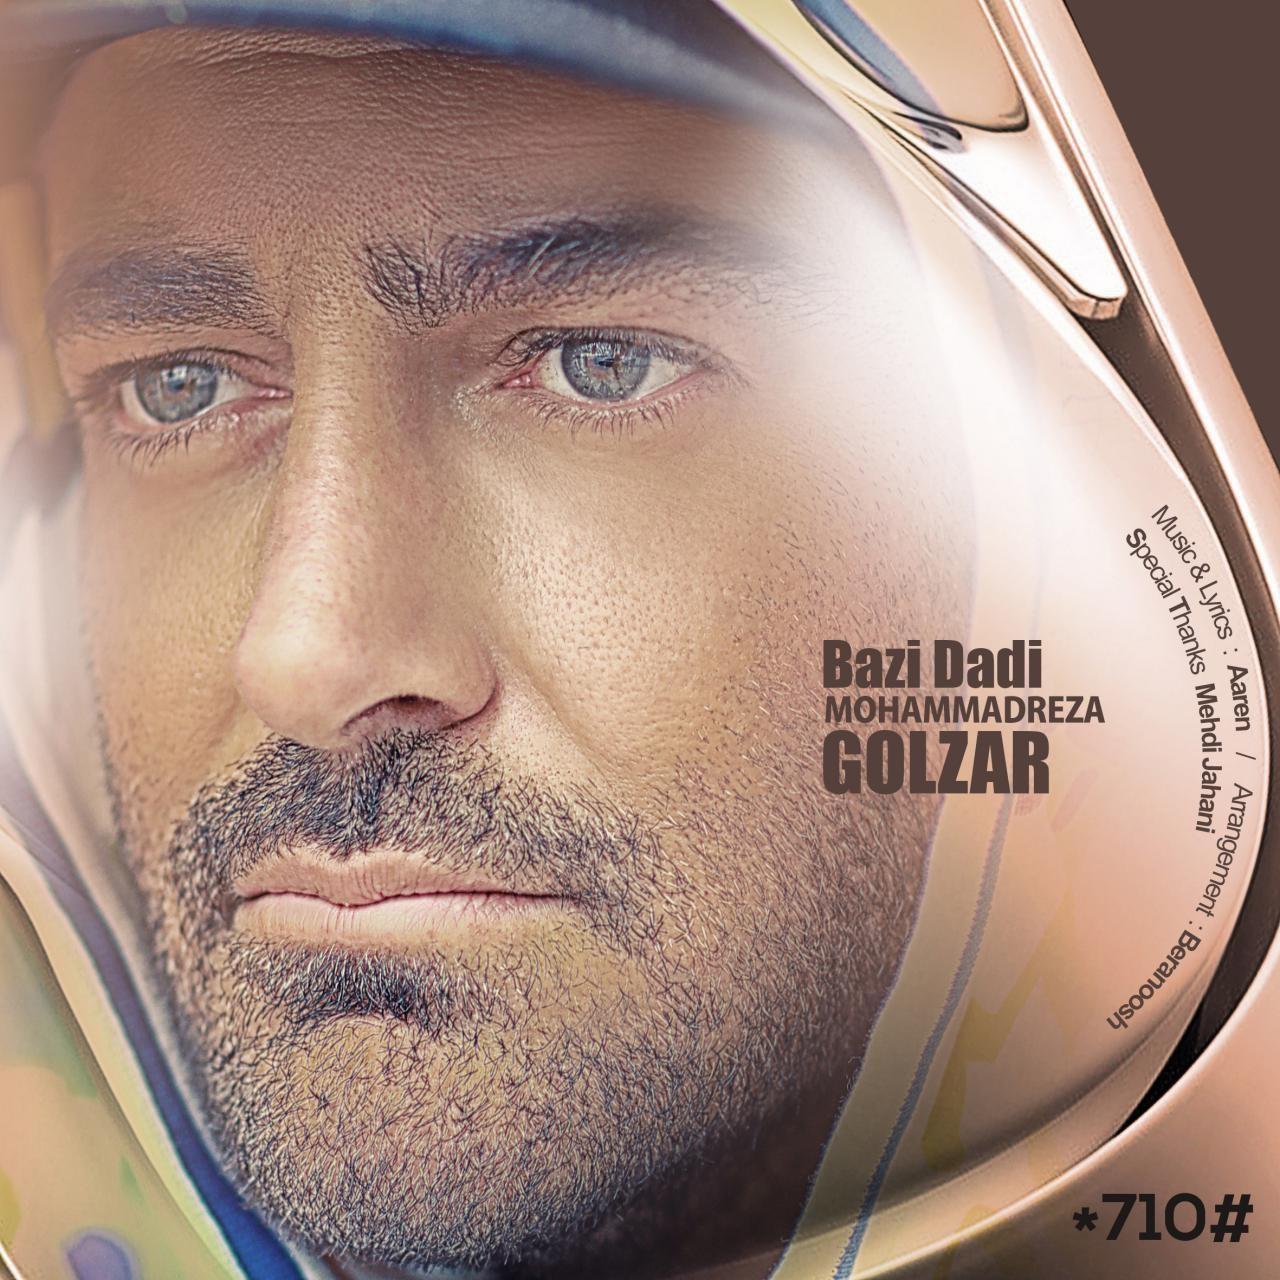 Mohammadreza Golzar – Bazi Dadi